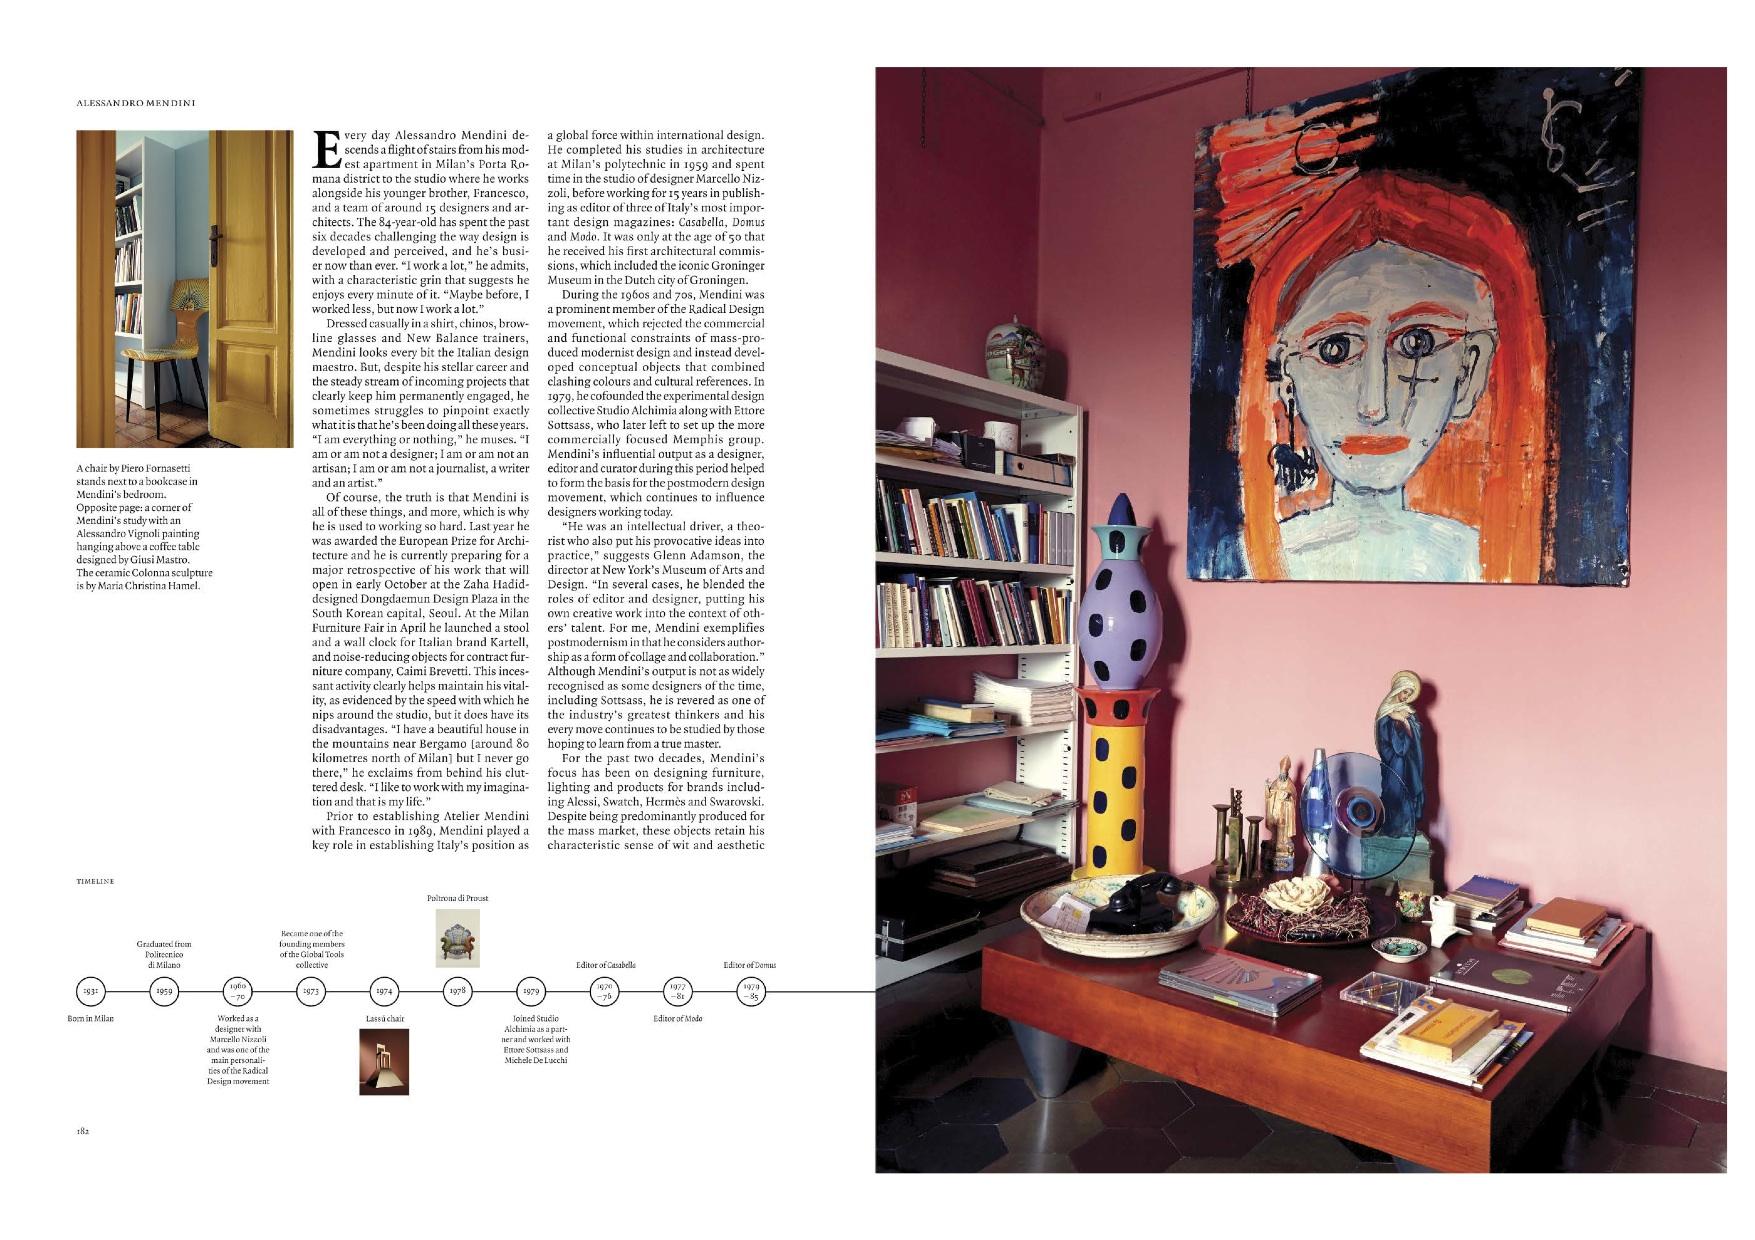 Port_Issue17_v2_Mendini_2.jpg